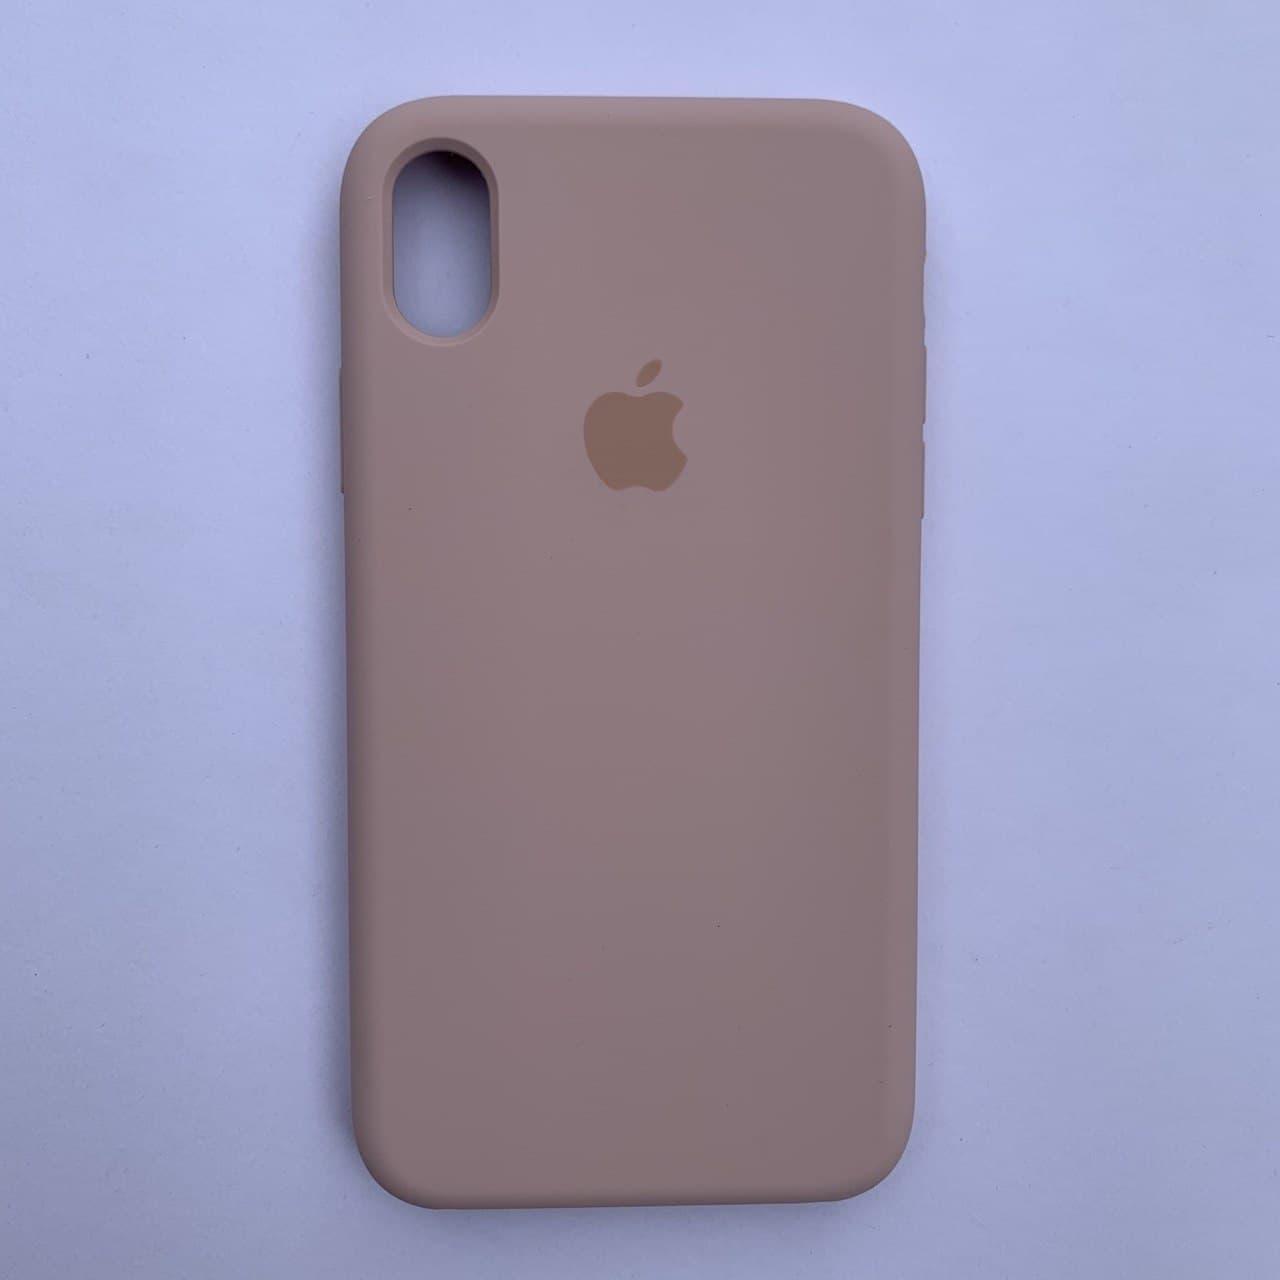 Чехол-накладка Silicone Case для Apple iPhone XR Pink Sand